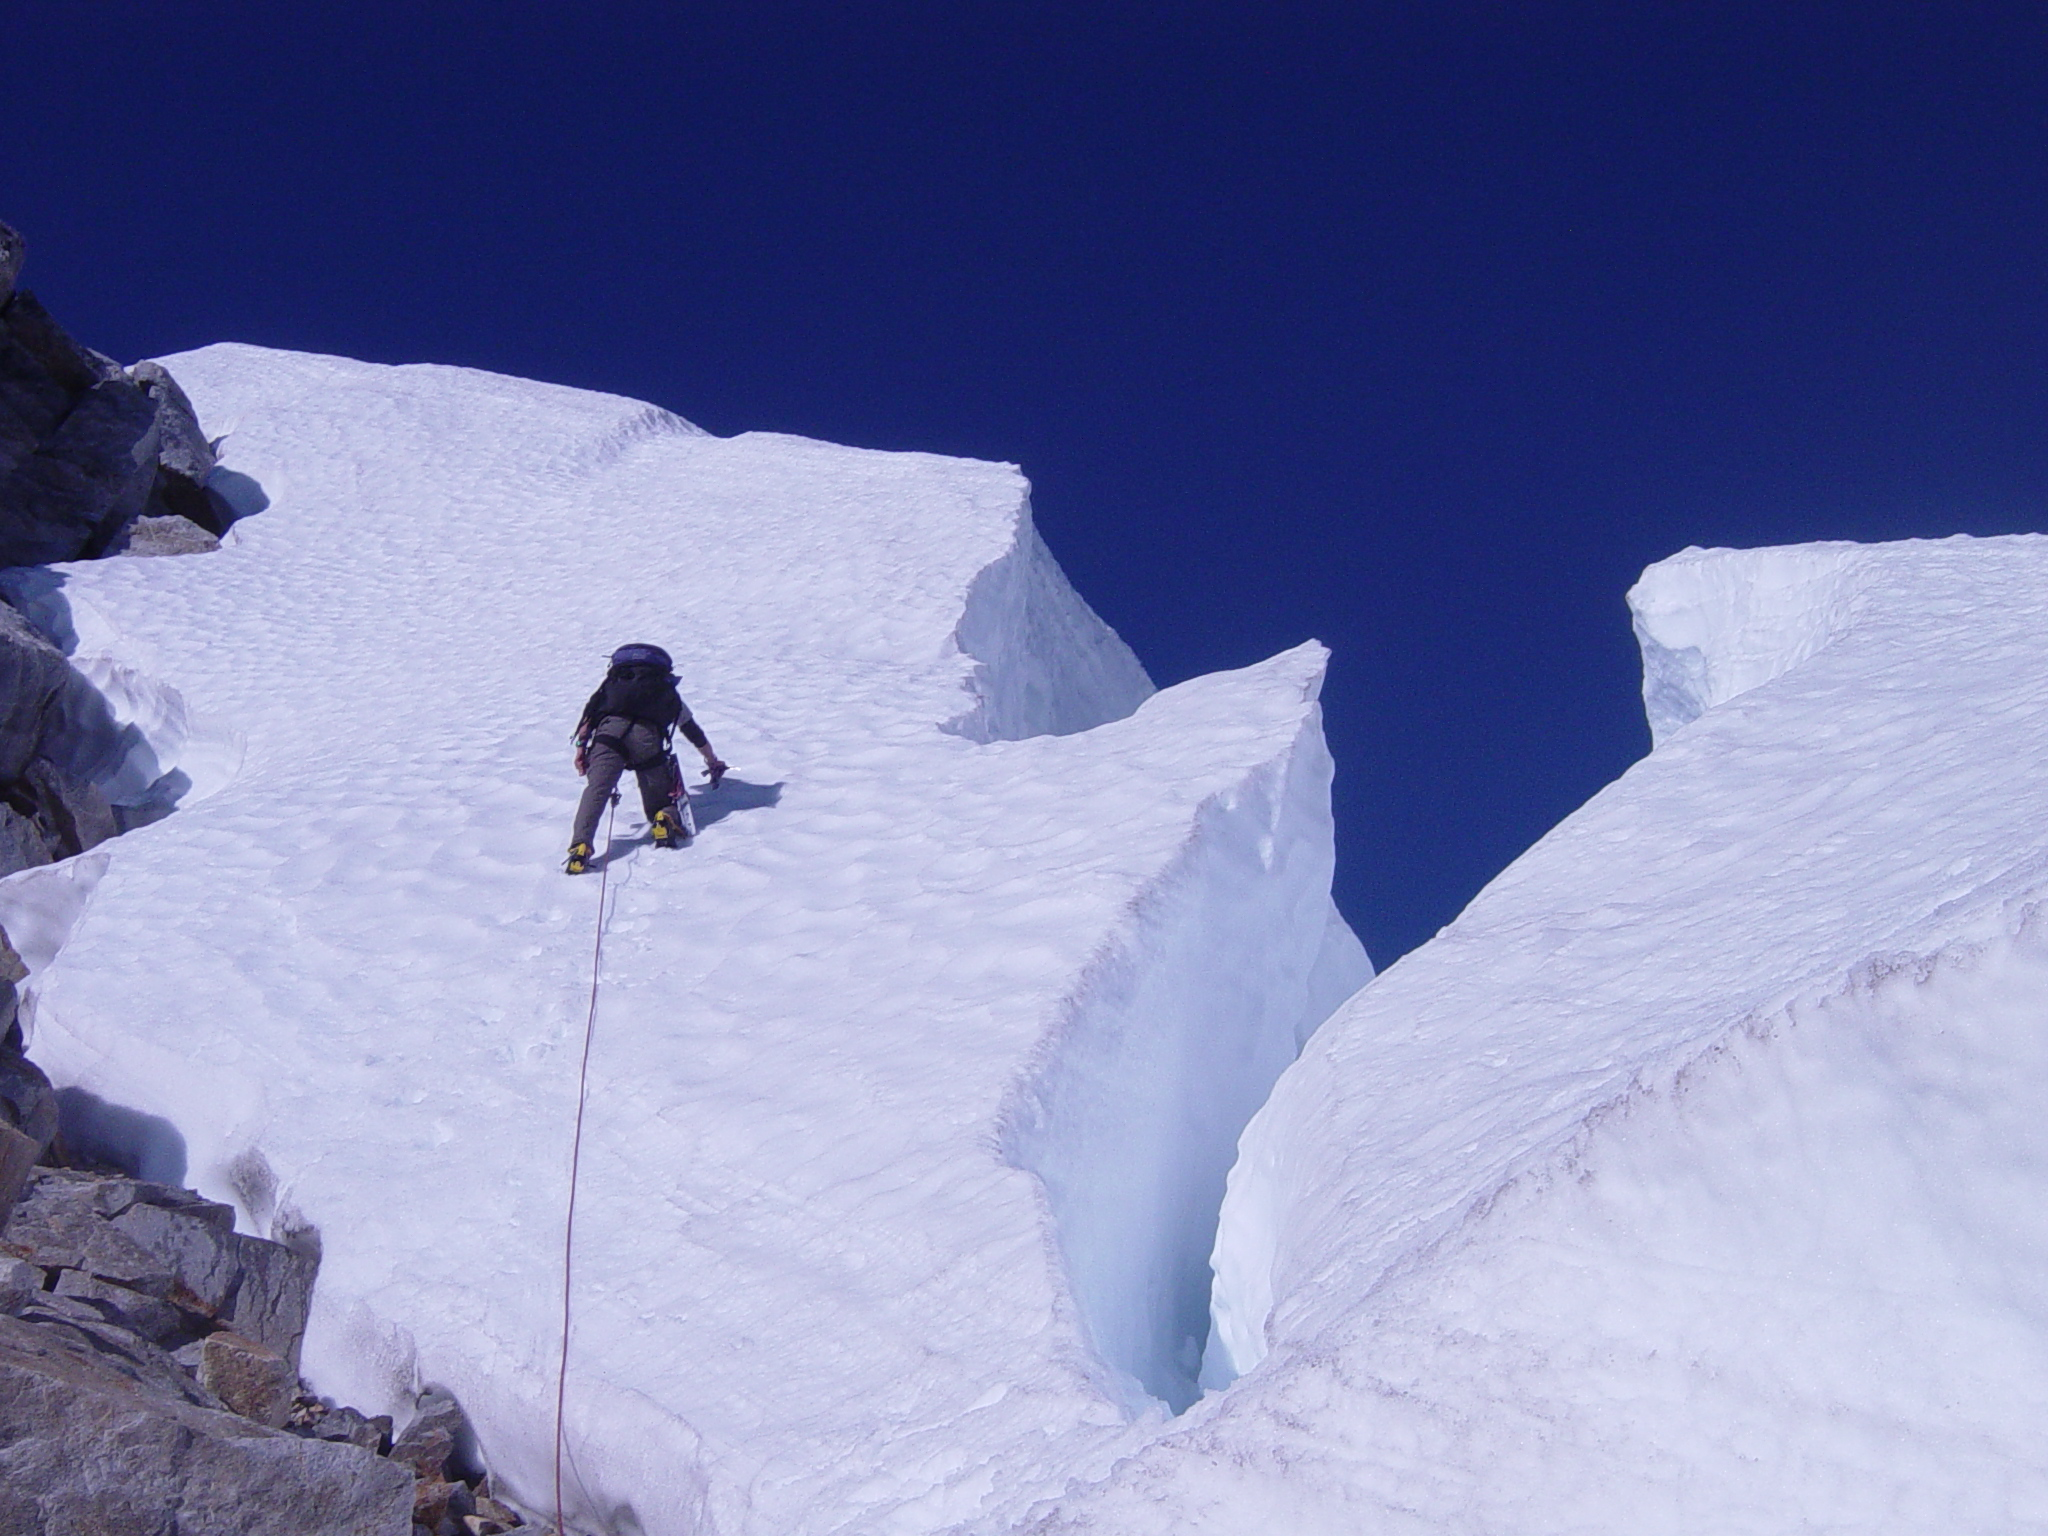 Mountain Climbing Challenge Climbing mt Challenger